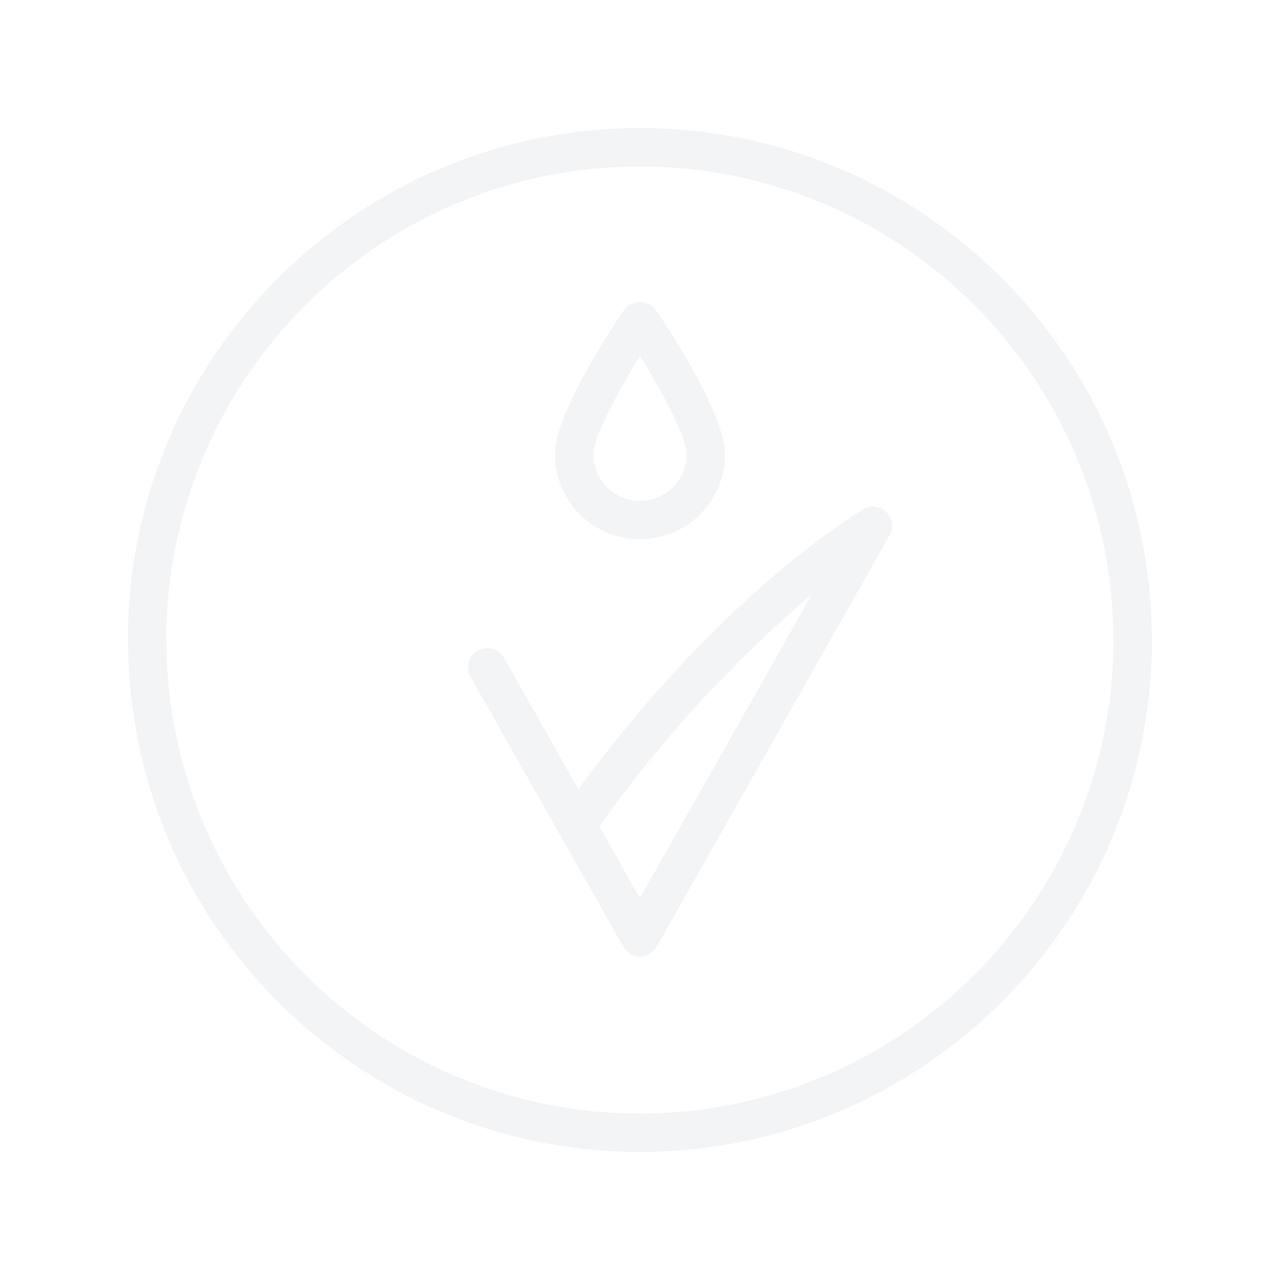 NANSHY Medium Clear Cosmetic Bag